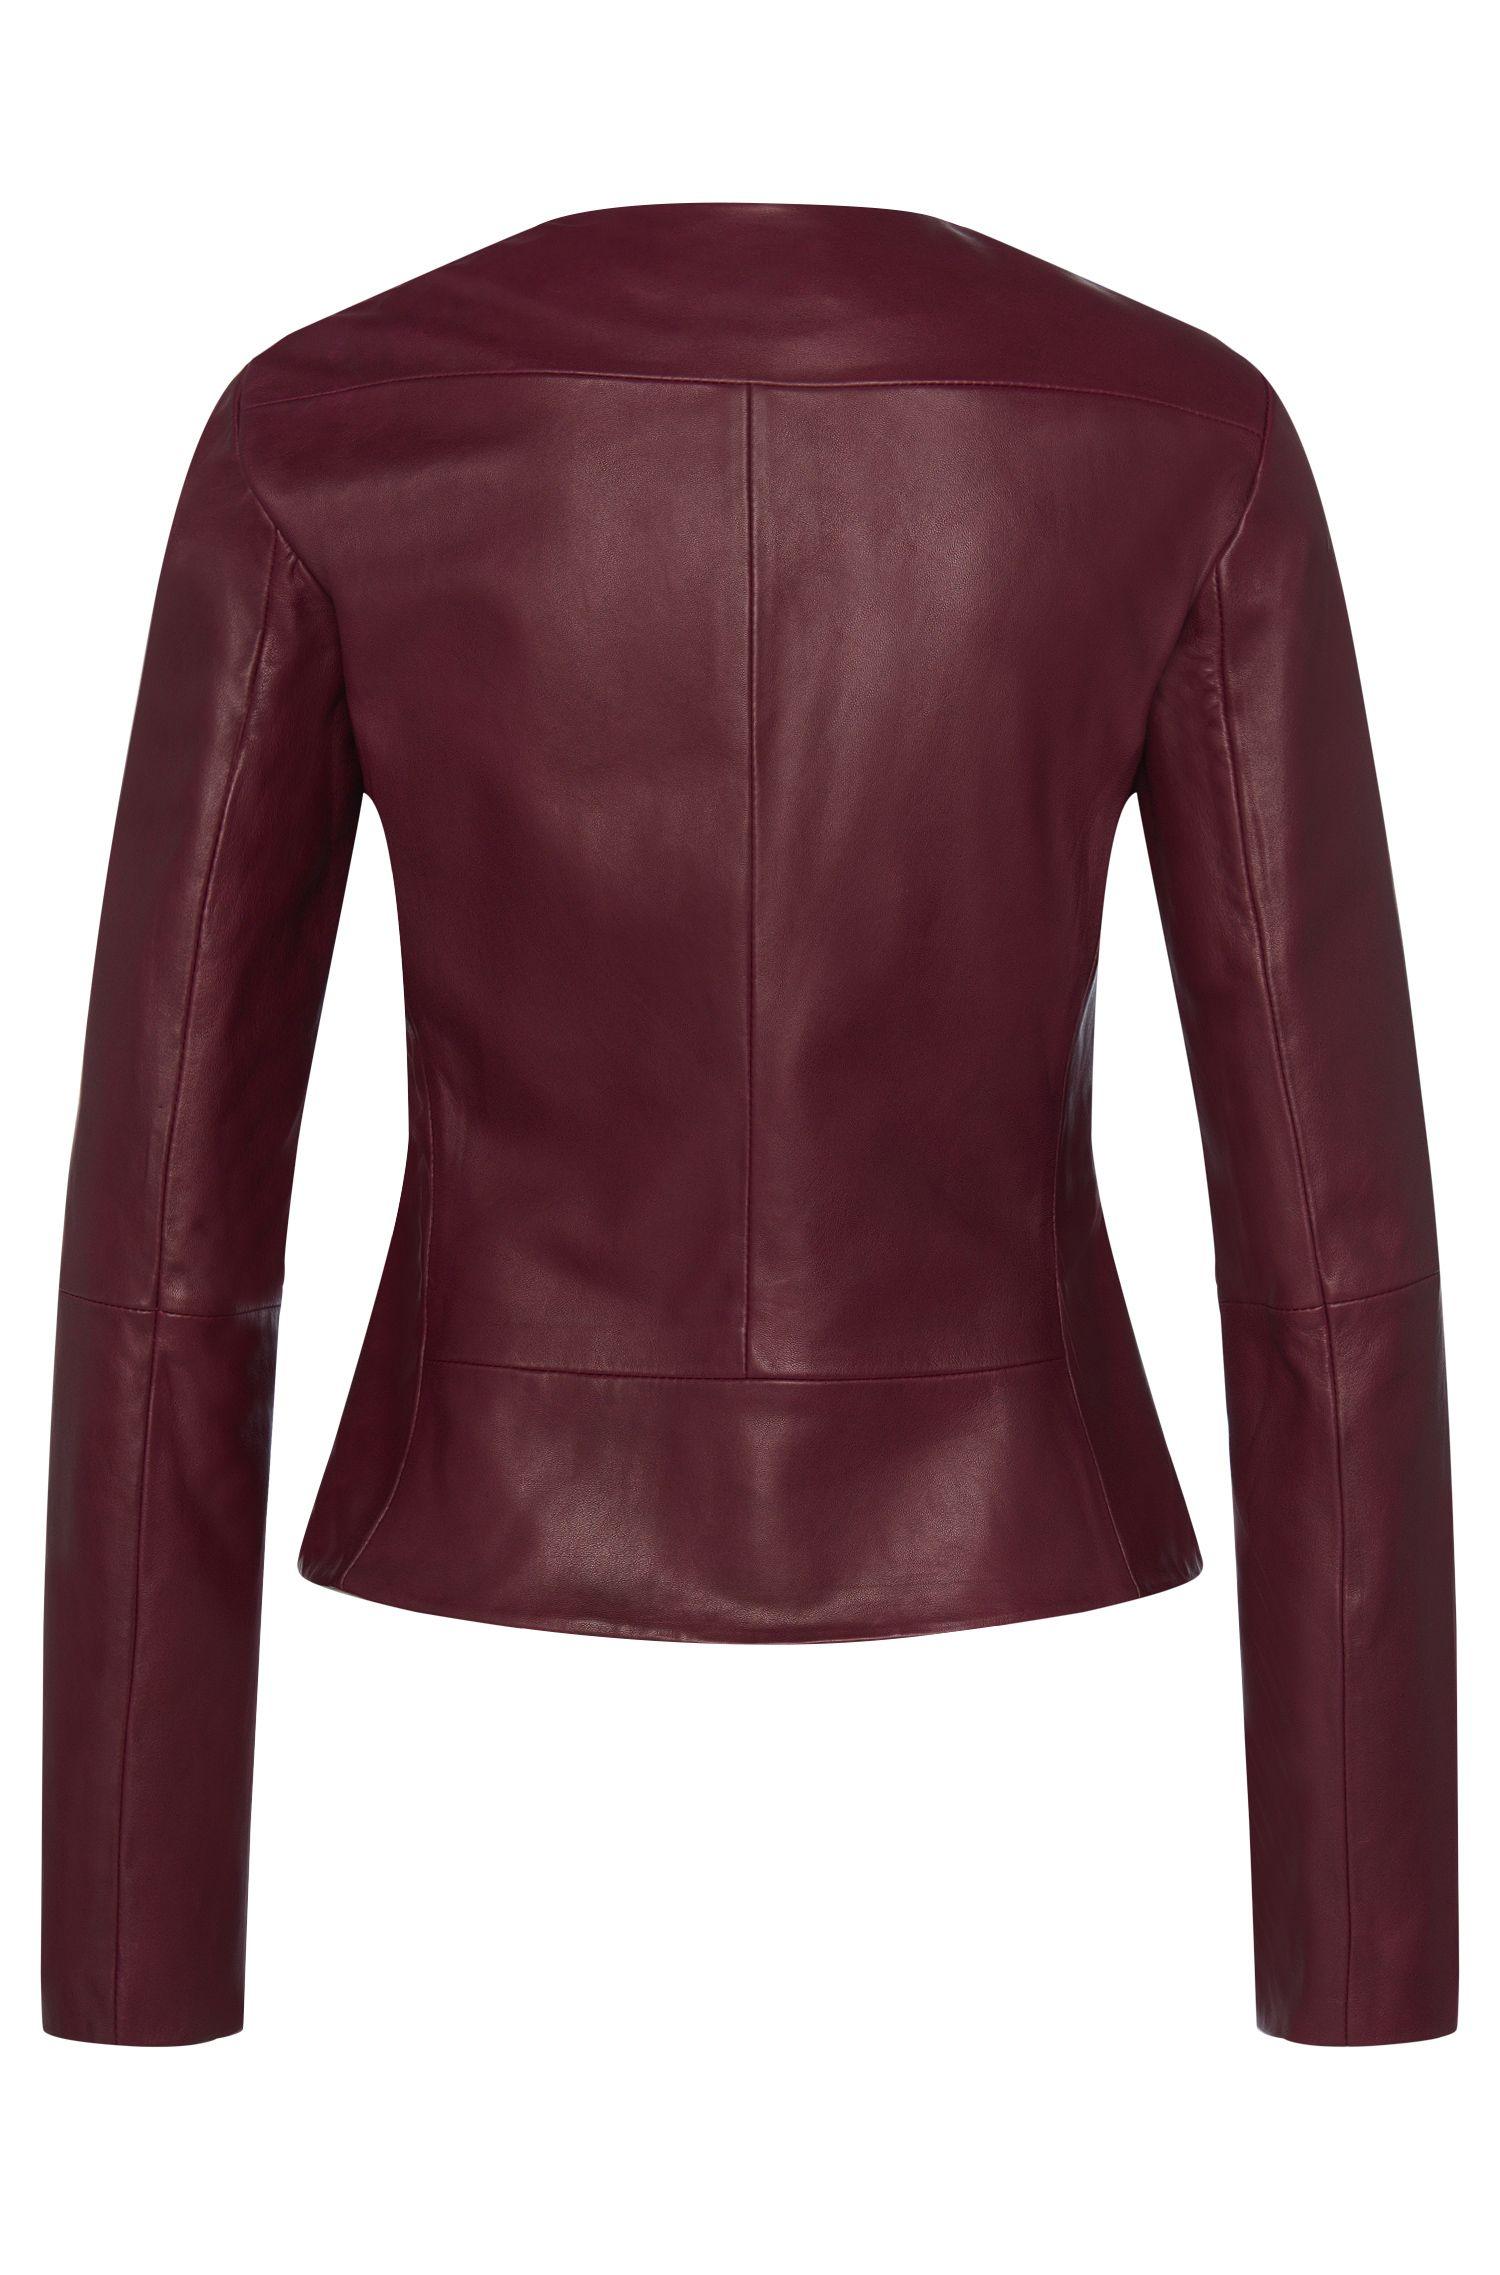 Taillierte Lederjacke mit Reißverschluss-Details: 'Lalici'